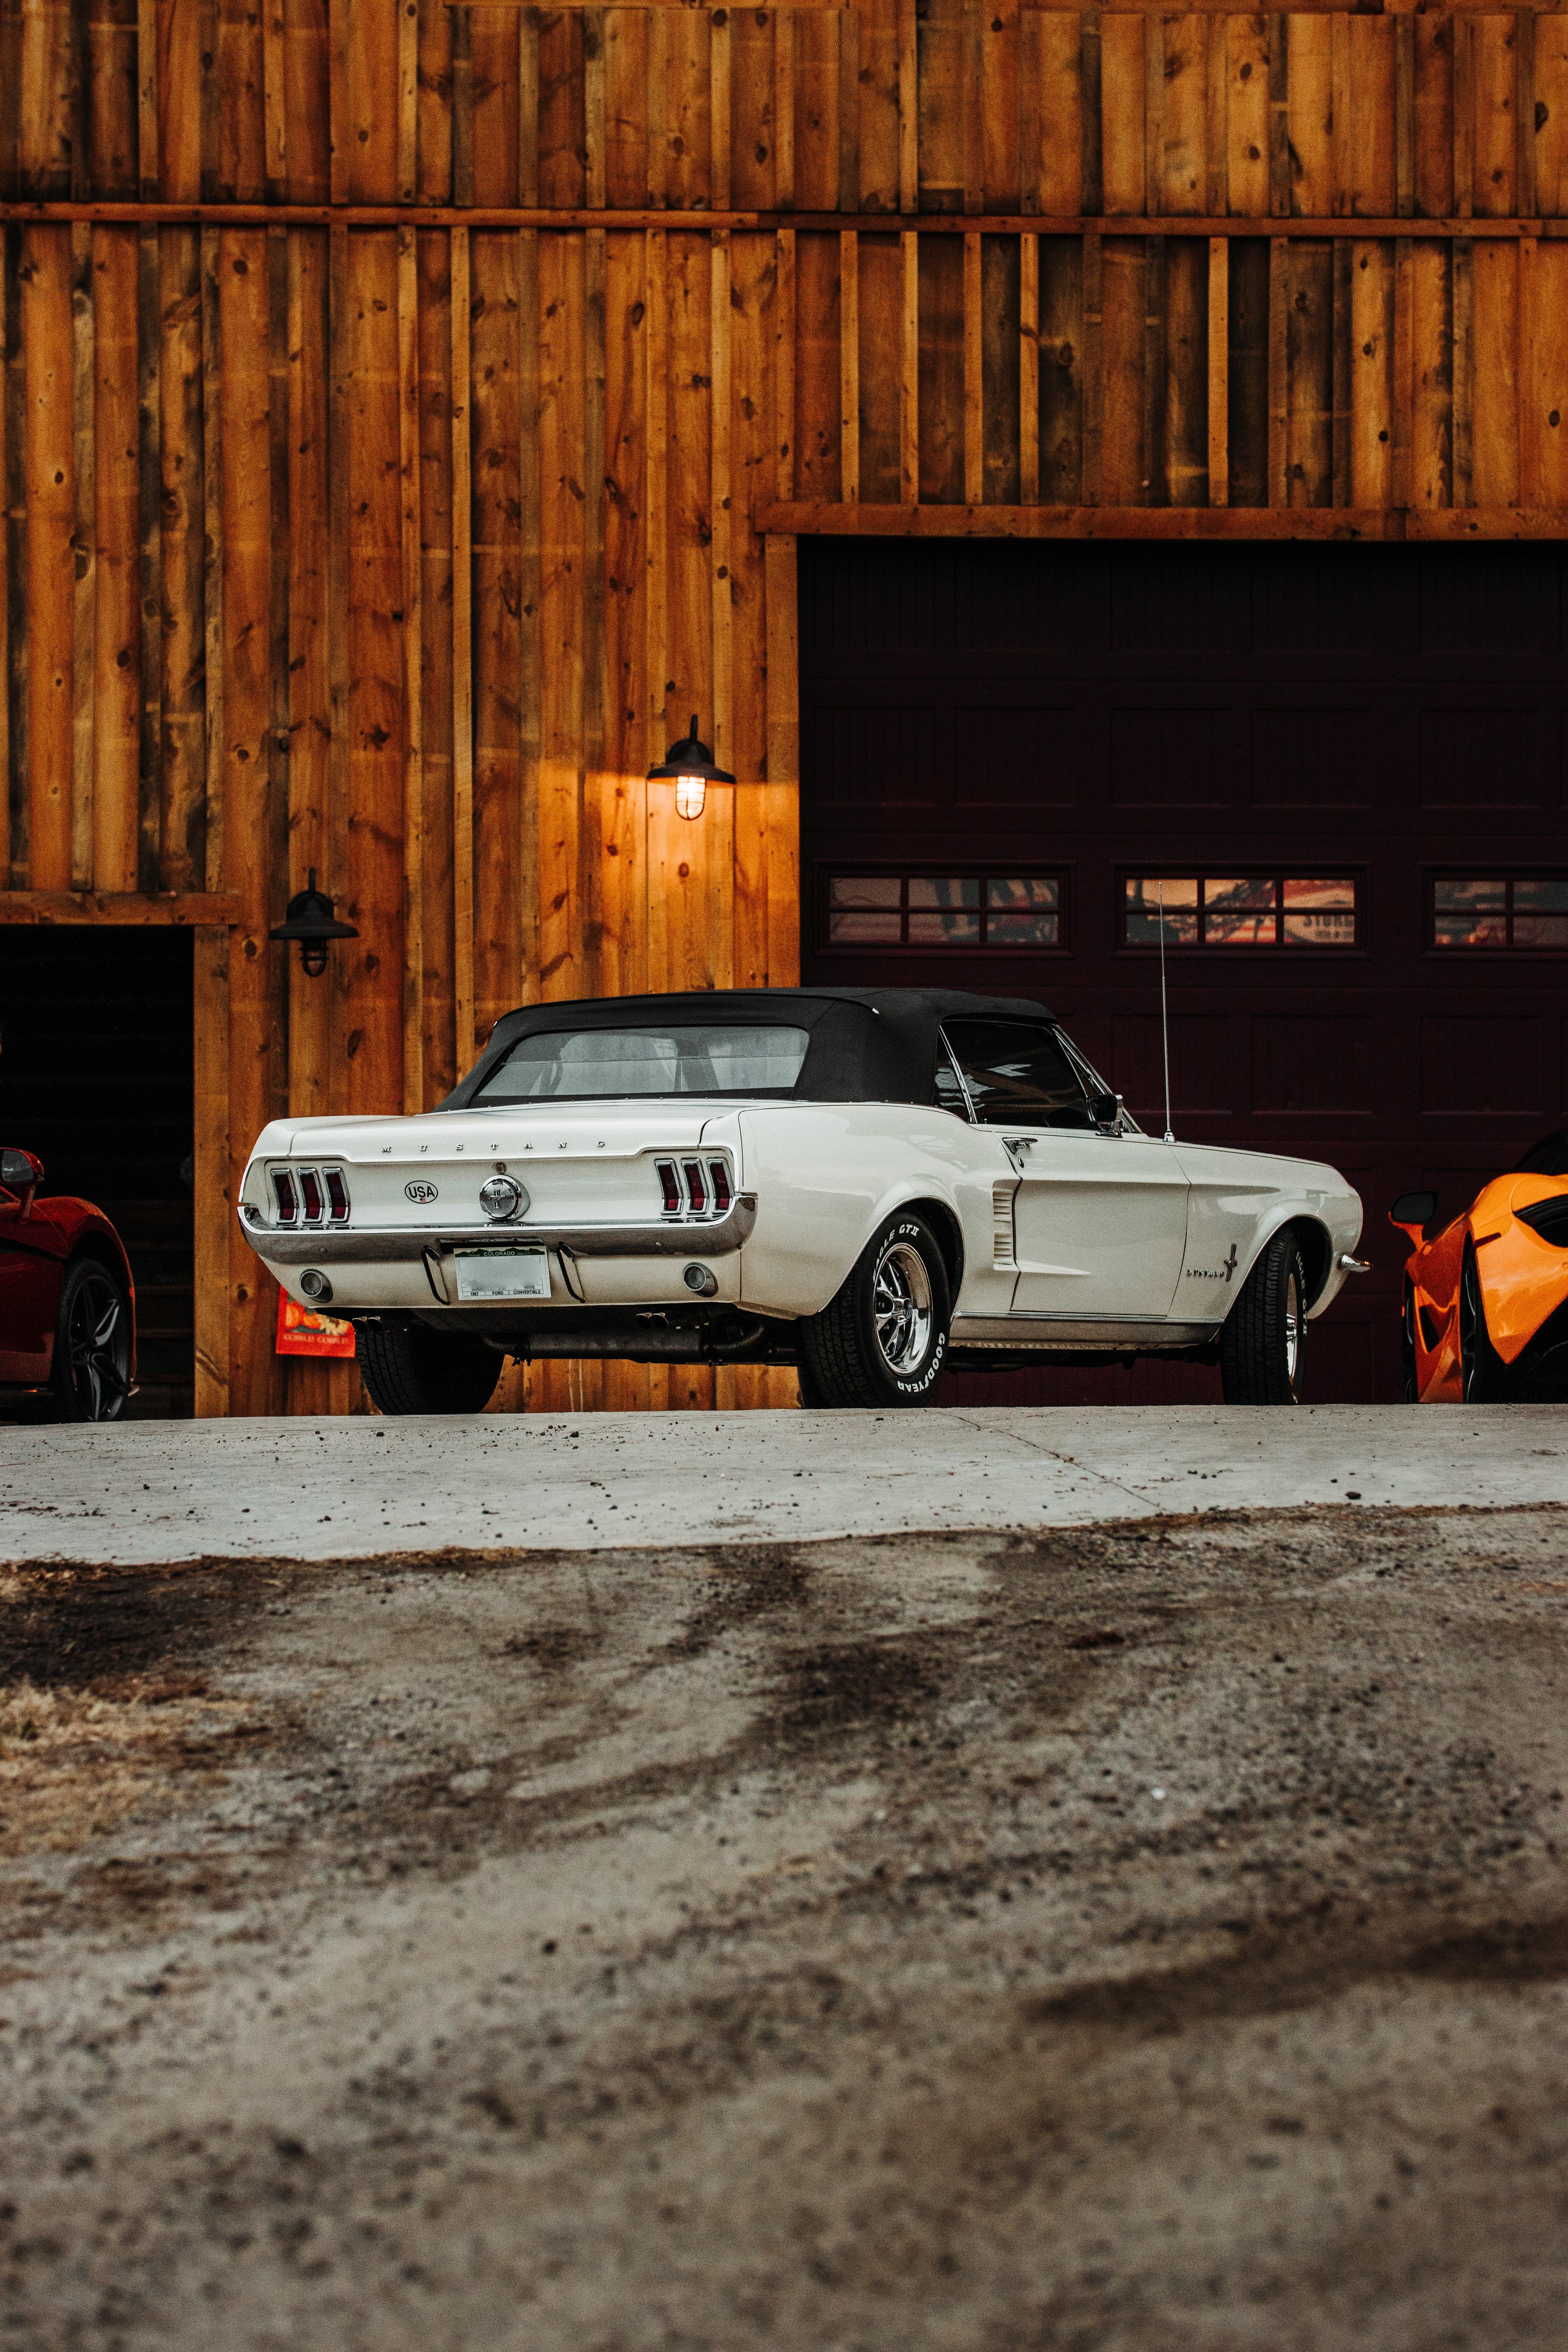 72692 Заставки и Обои Мустанг (Mustang) на телефон. Скачать Мустанг (Mustang), Тачки (Cars), Автомобиль, Белый, Вид Сзади, Ford Mustang, Стоянка картинки бесплатно